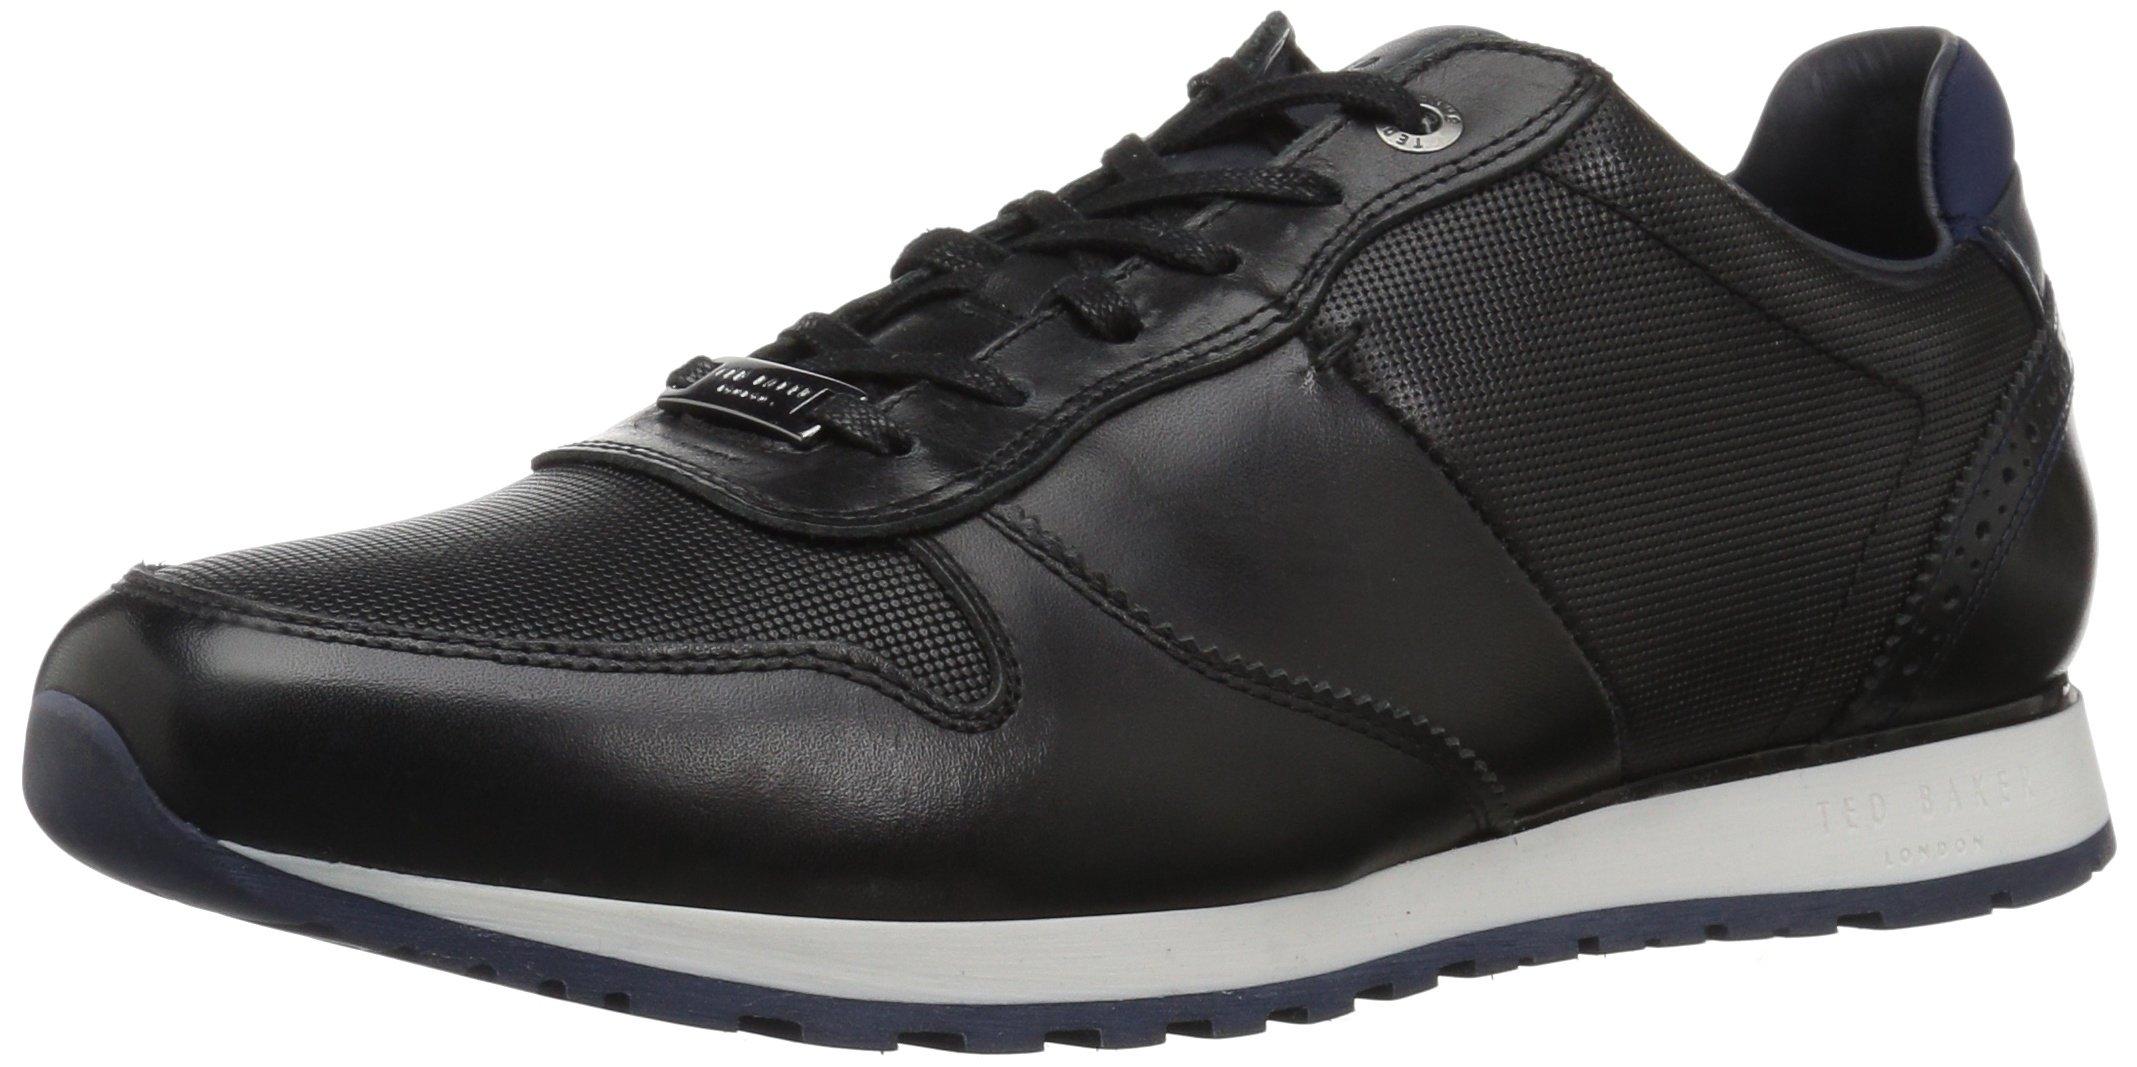 Ted Baker Men's Shindl Sneaker, Black Leather, 11 D(M) US